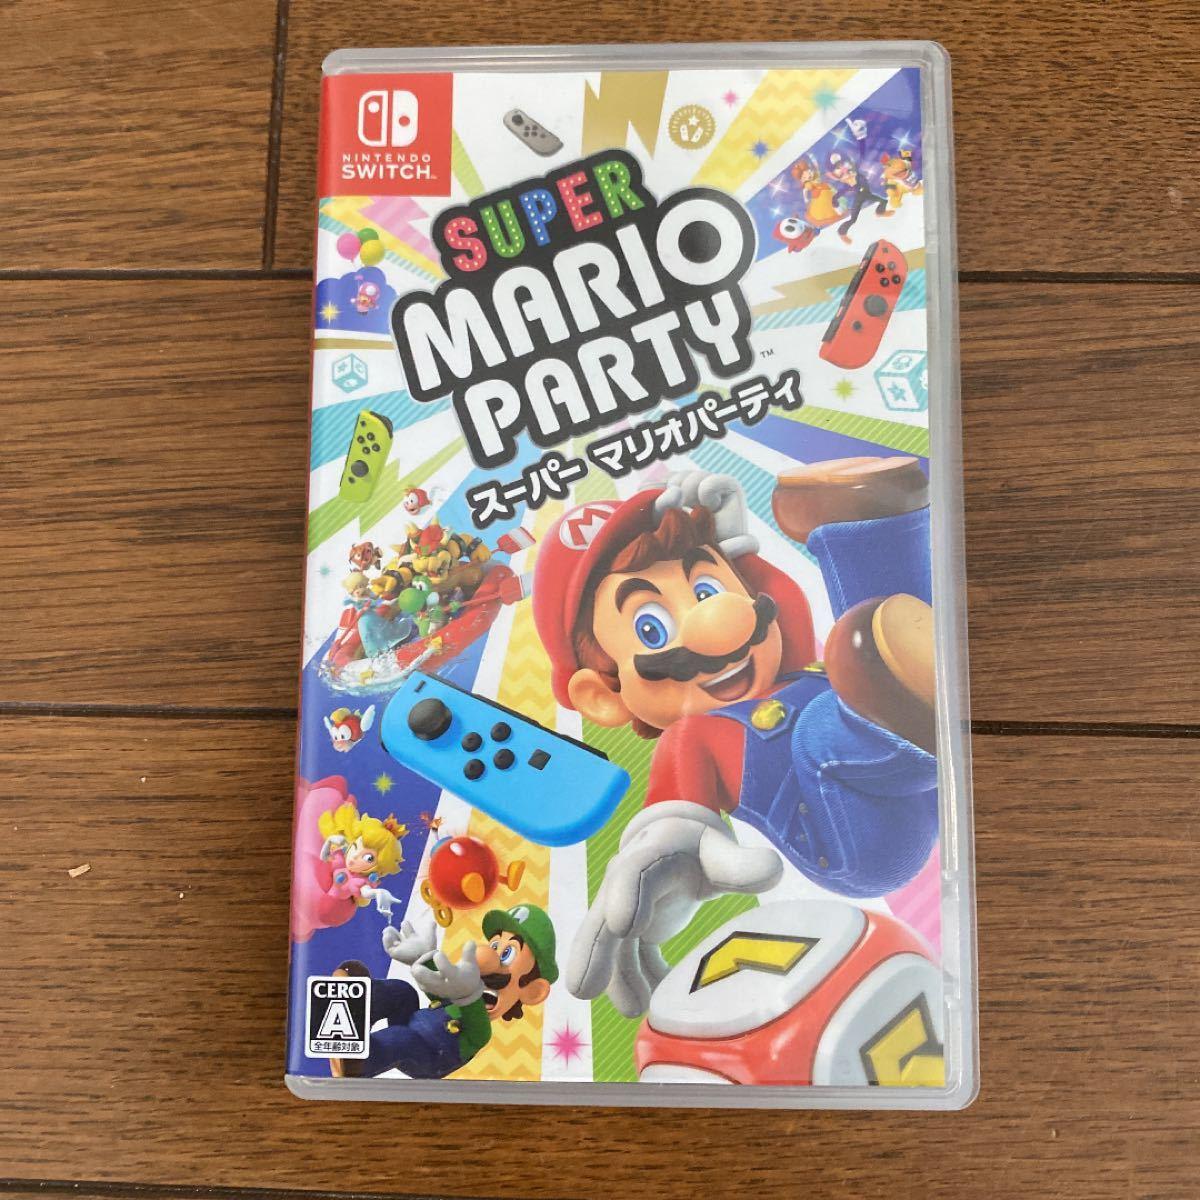 マリオ スーパーマリオパーティ Nintendo Switch スーパーマリオパーティー